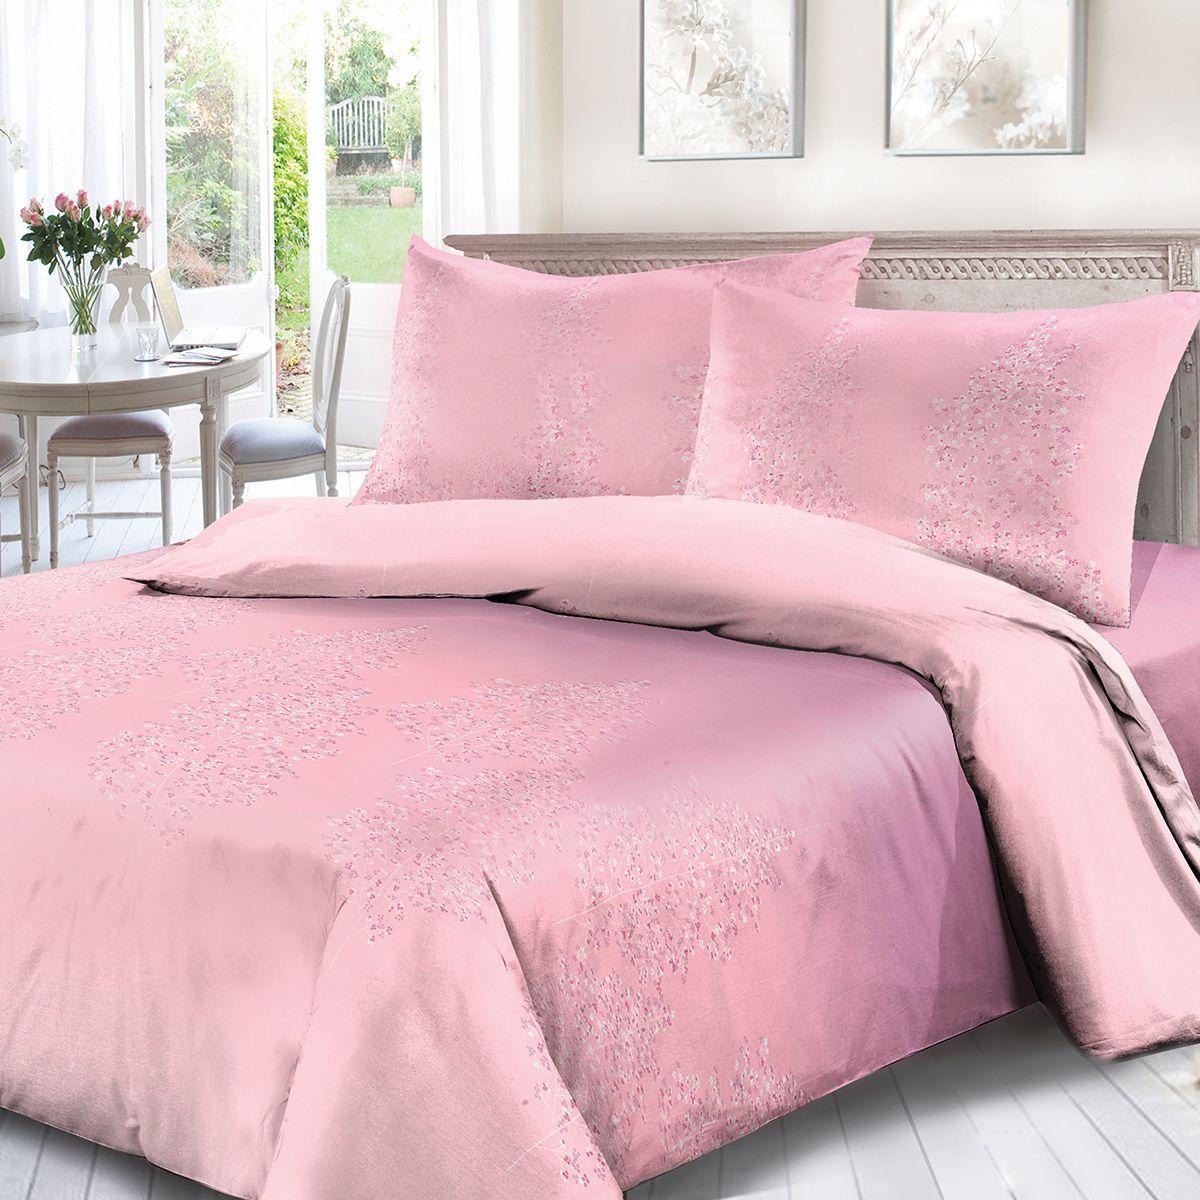 Комплект белья Сорренто Аврора, 2-х спальное, наволочки 70x70, цвет: розовый. 1500-189079